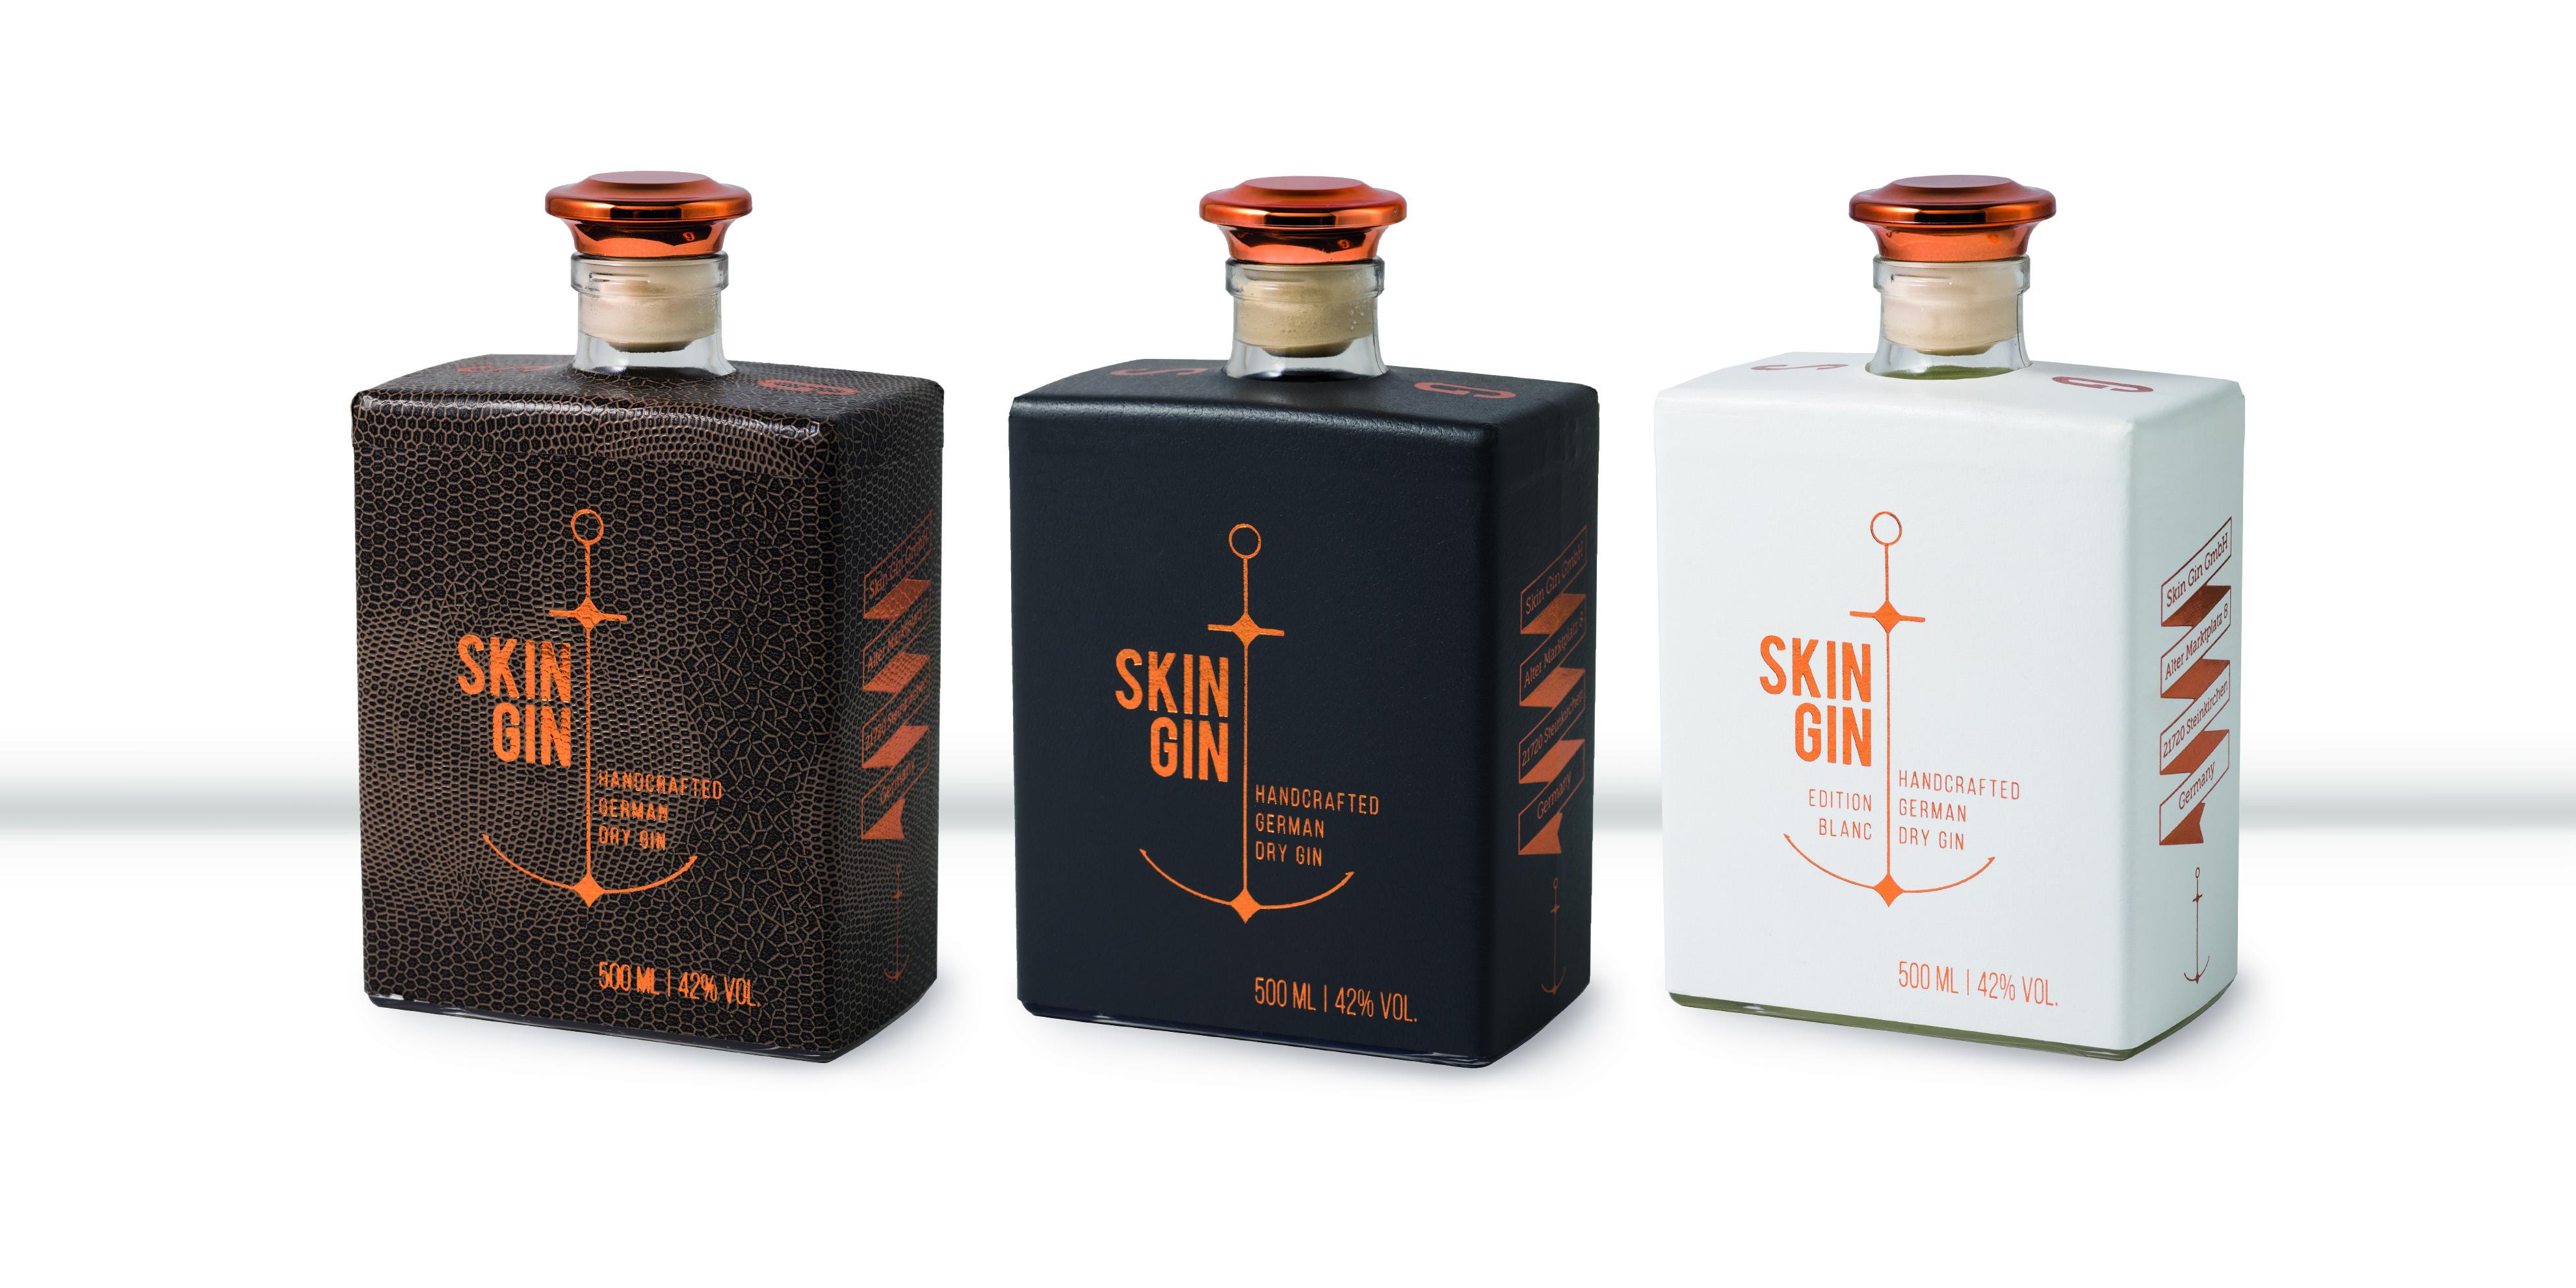 skin gin flaschen c skin gin ganz hamburg. Black Bedroom Furniture Sets. Home Design Ideas